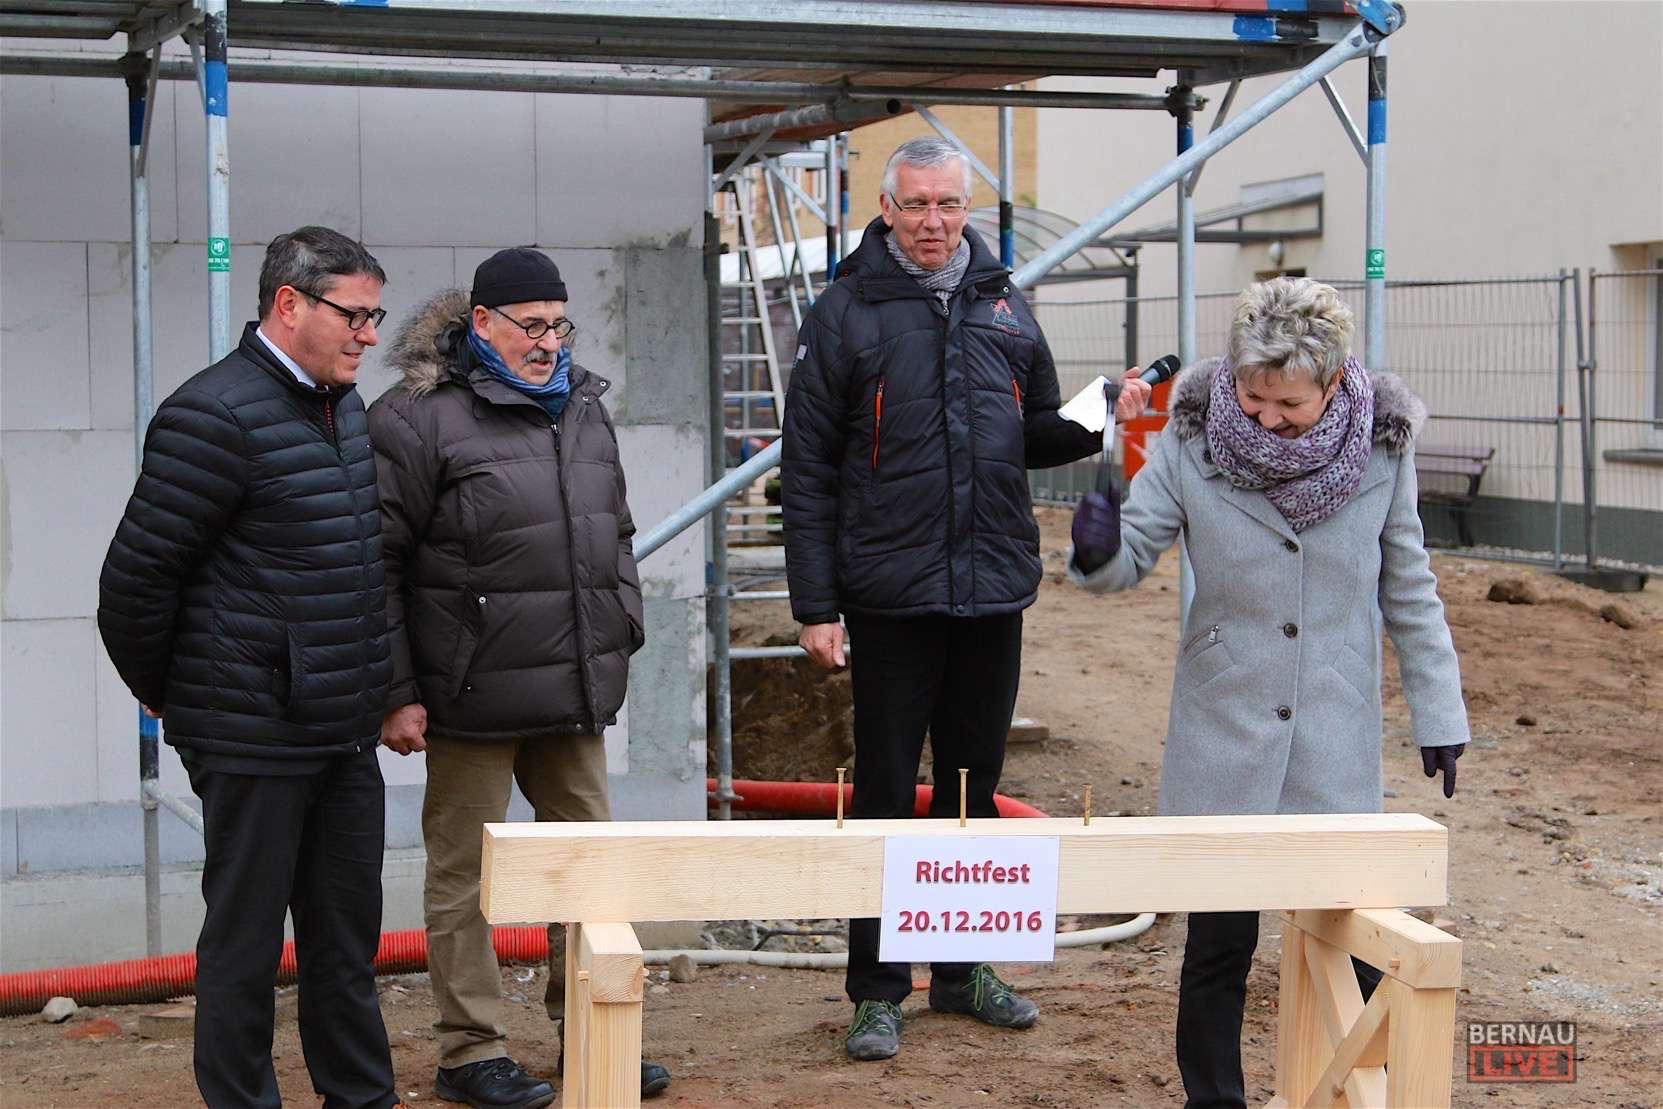 Die Stadtwerke Bernauer feiern Richtfest zum Erweiterungsbau